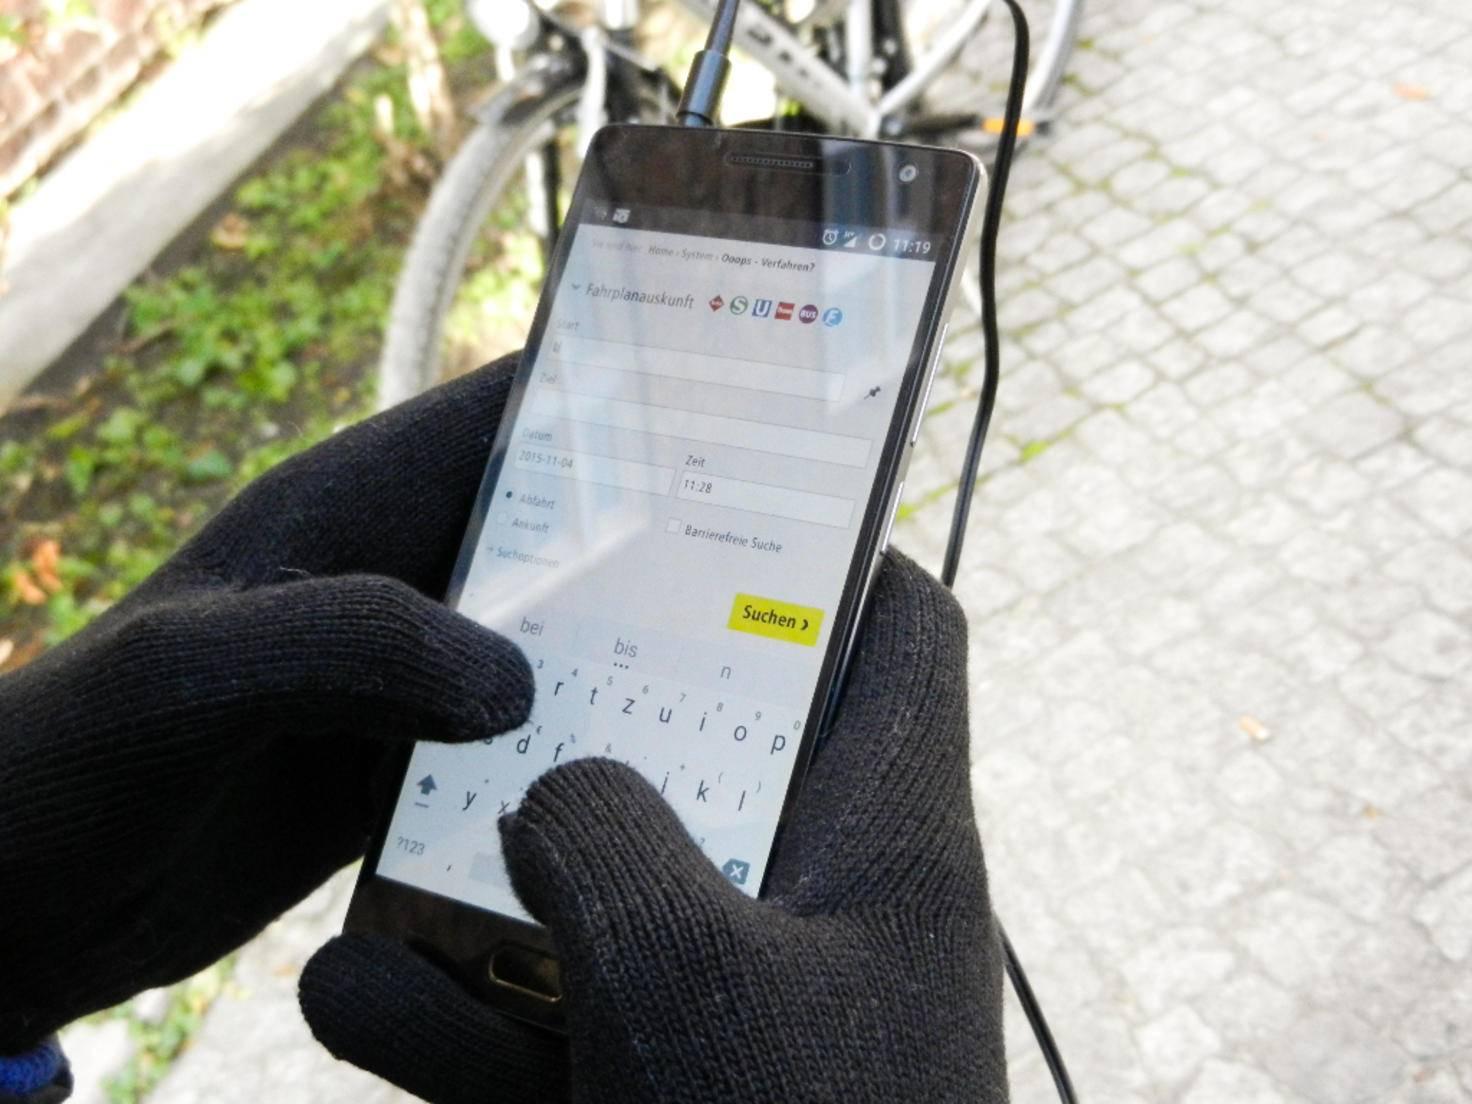 Aufgrund einiger Drähte in den Fingerkuppen lassen sich auch Touchscreens bedienen.